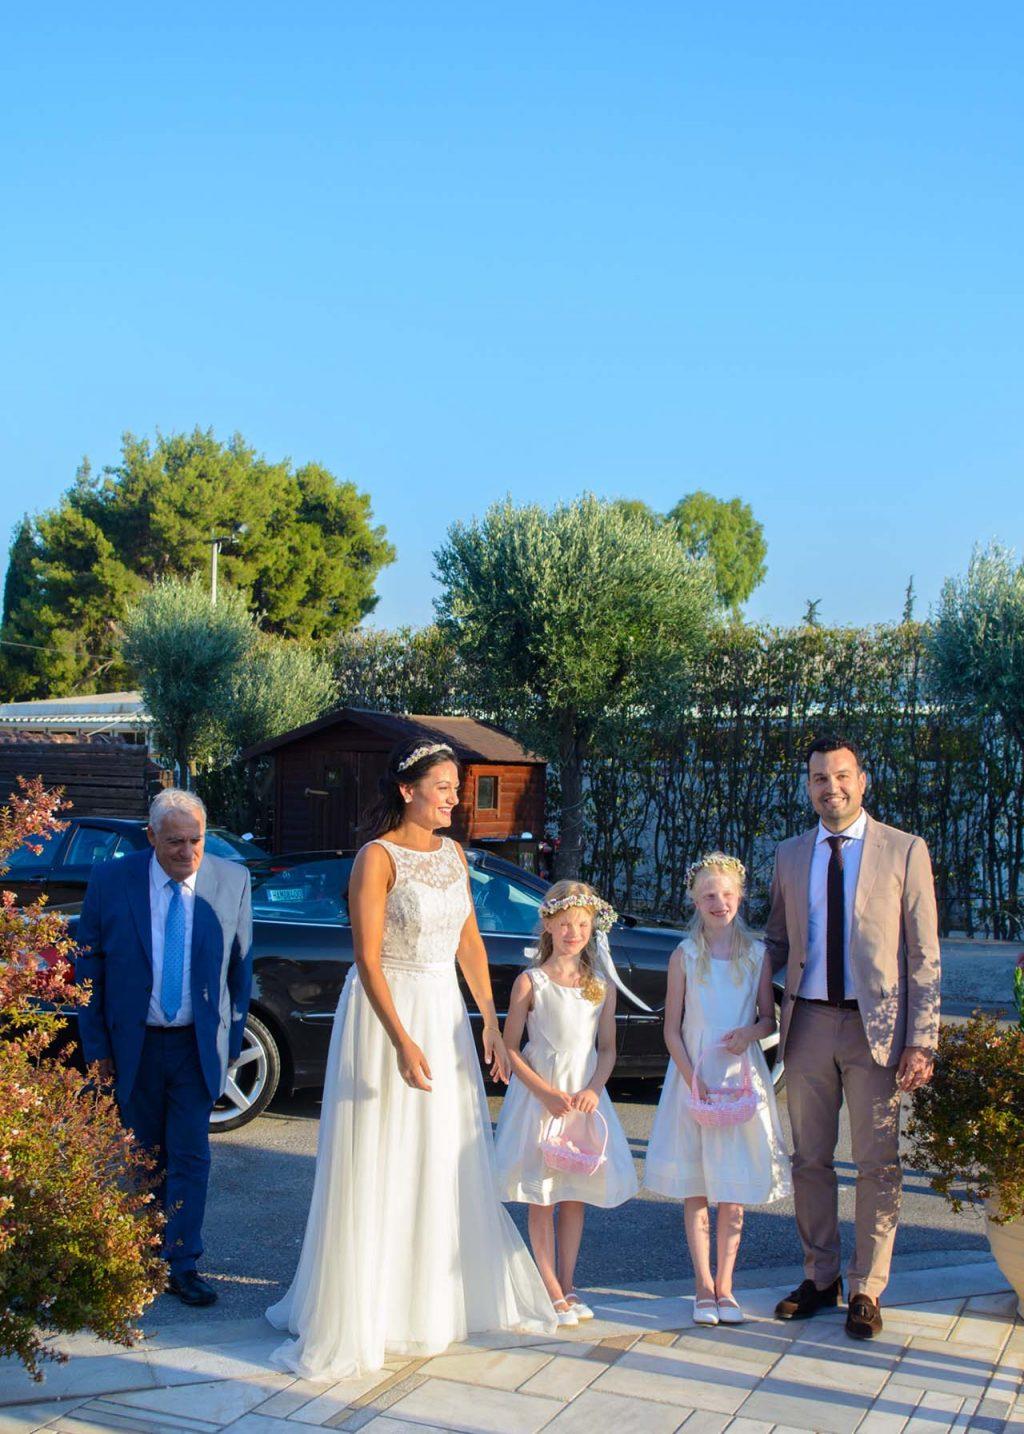 λίγο πριν οι άντρες της οικογένειας παραδώσουν τη νύφη στον μέλλοντα σύζυγό της